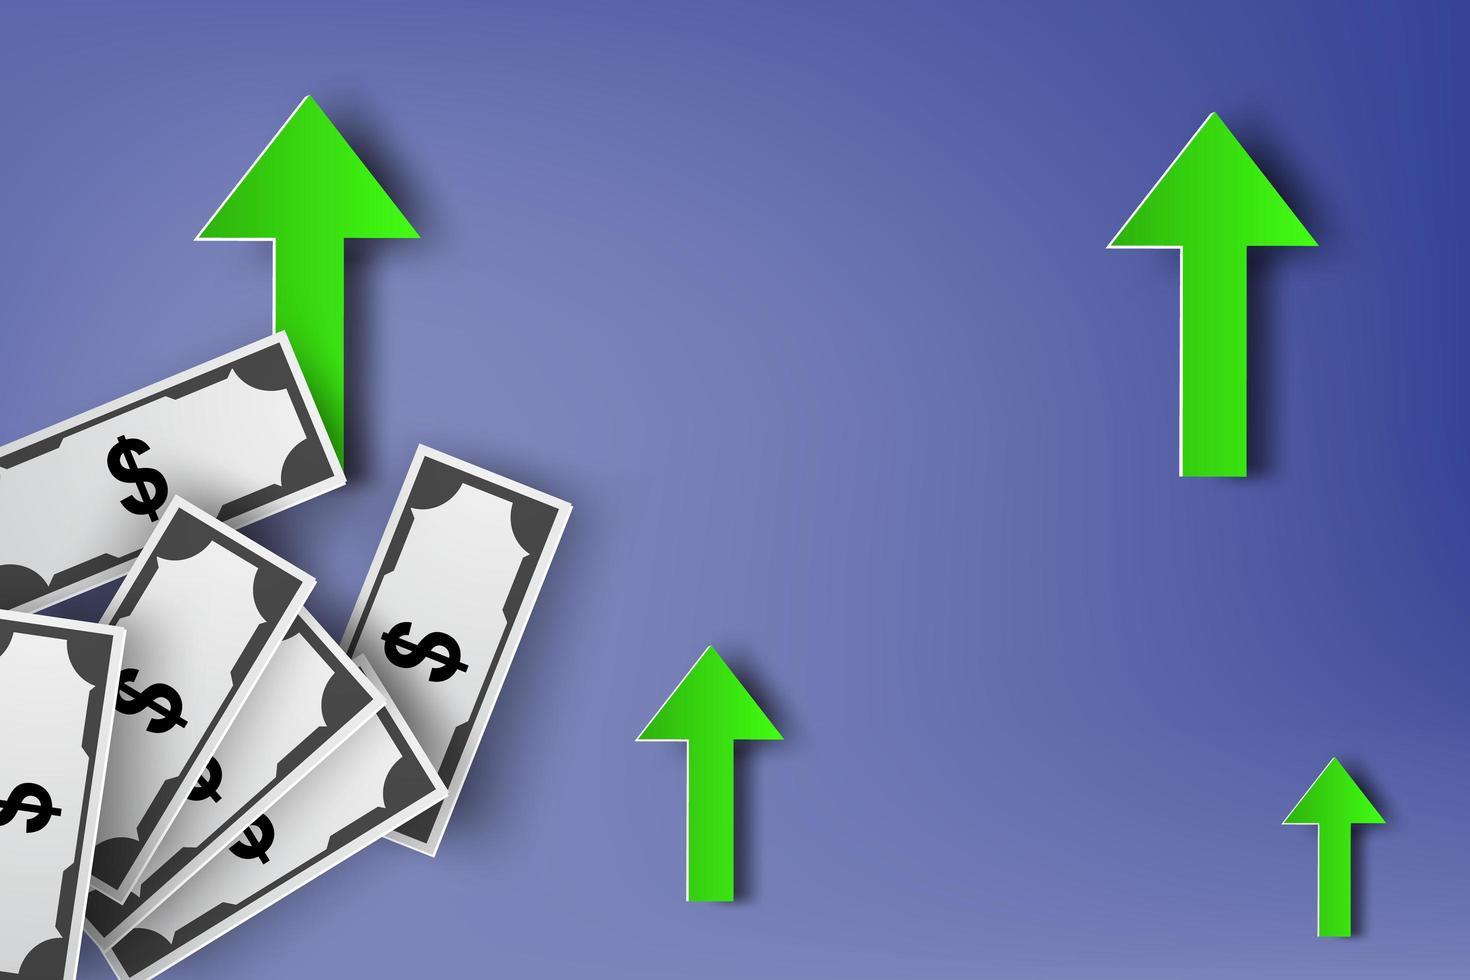 disegno di arte di carta con frecce e banconote da un dollaro vettore